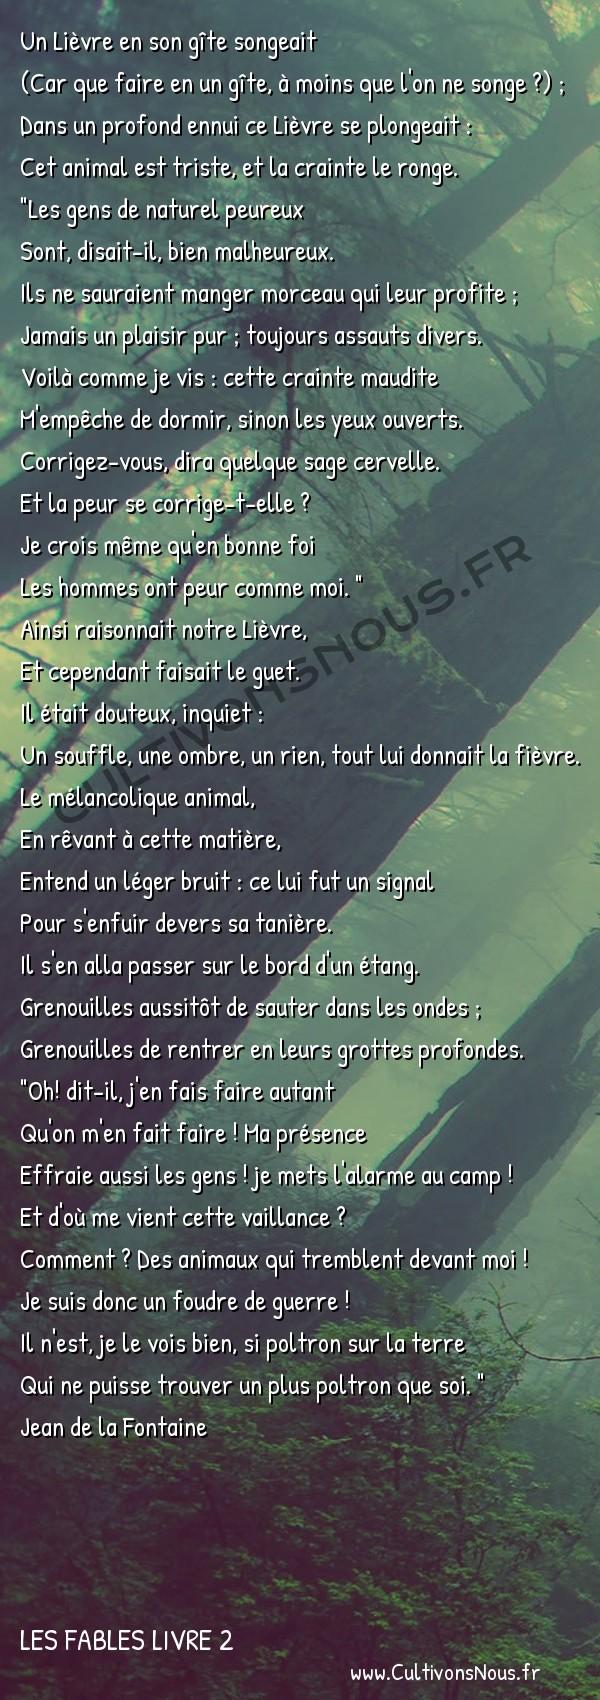 Fables Jean de la Fontaine - Les fables Livre 2 - Le Lièvre et les Grenouilles -   Un Lièvre en son gîte songeait (Car que faire en un gîte, à moins que l'on ne songe ?) ;